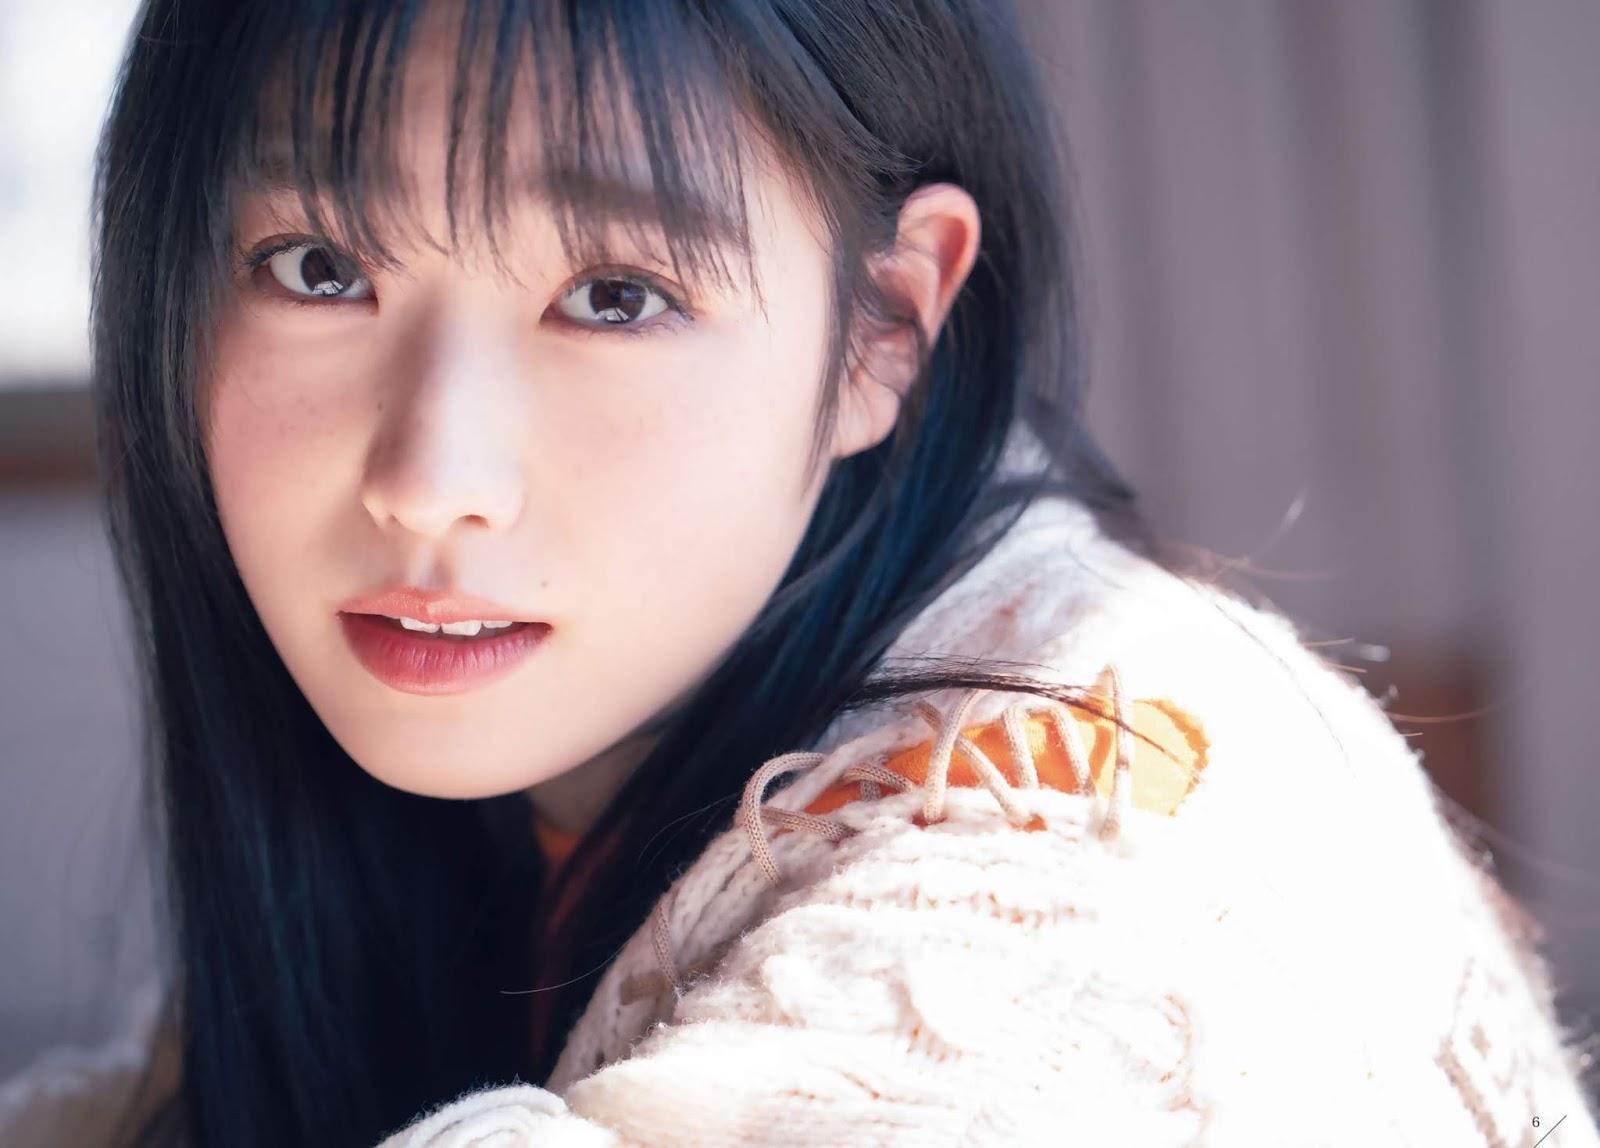 氣質出眾的日本國民美少女  髙橋光 - 亞洲美女 -